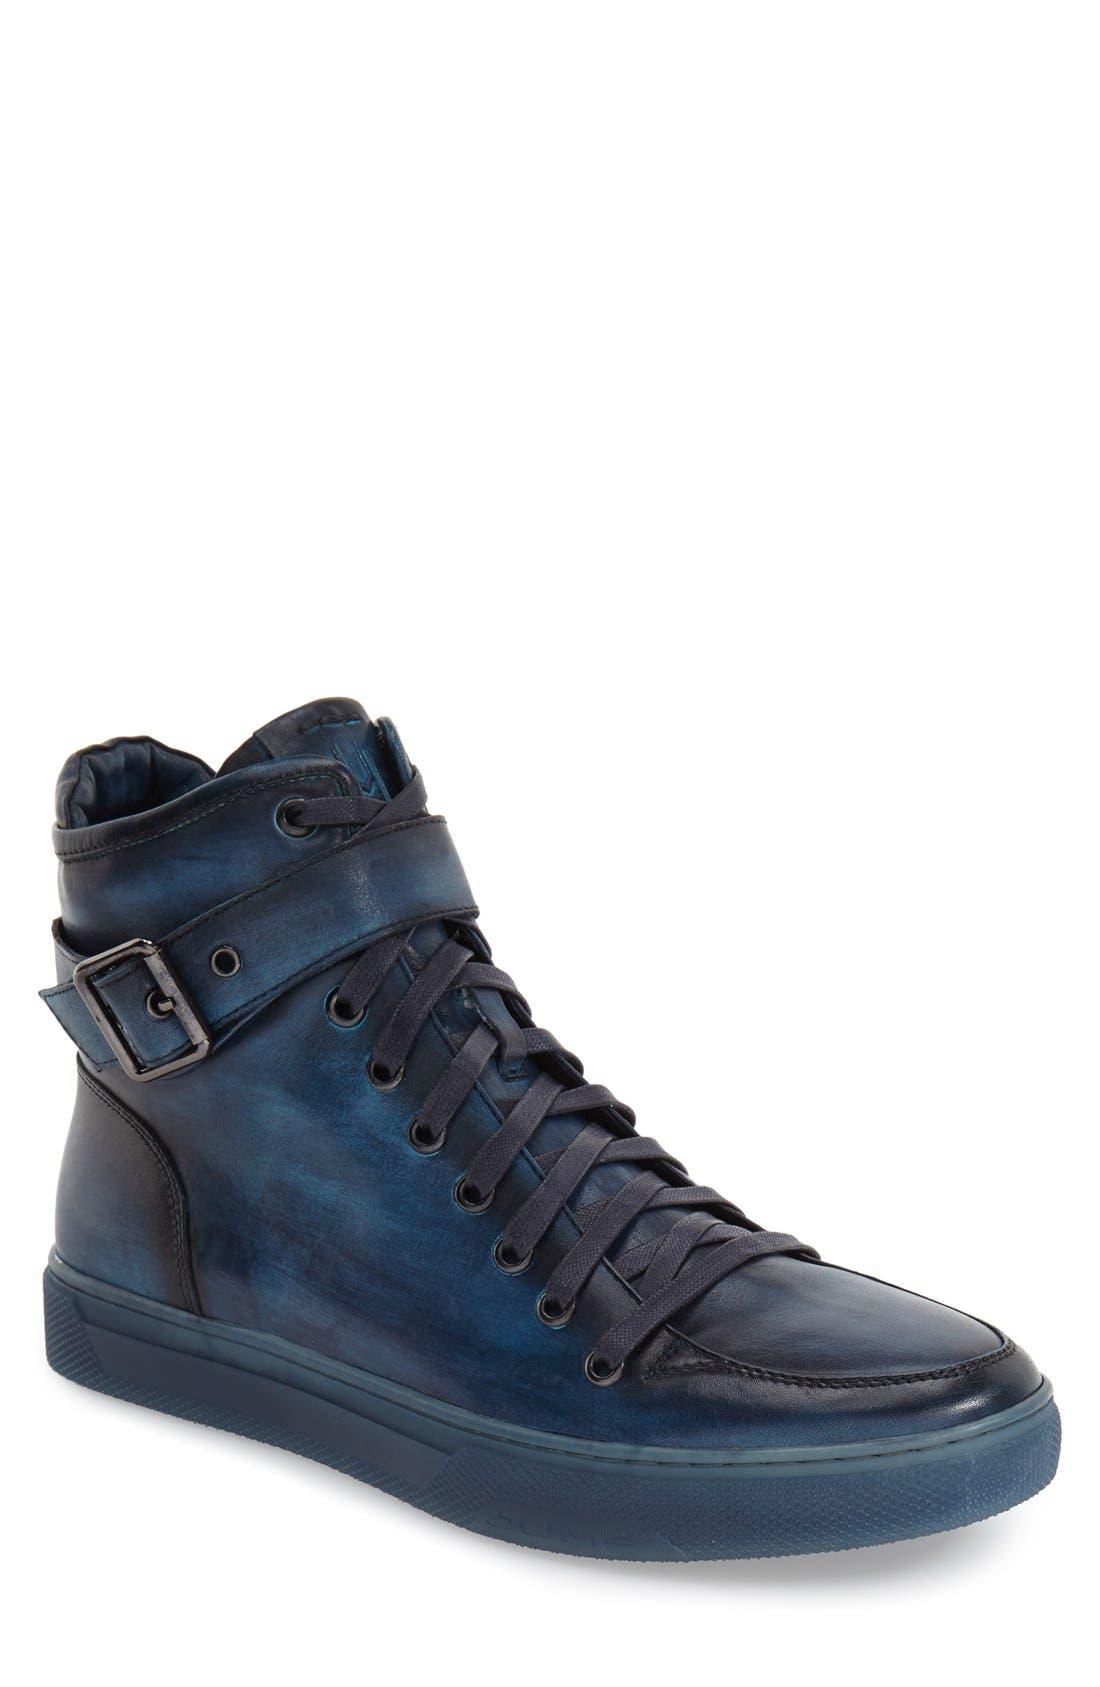 Jump Sullivan High Top Sneaker, Blue